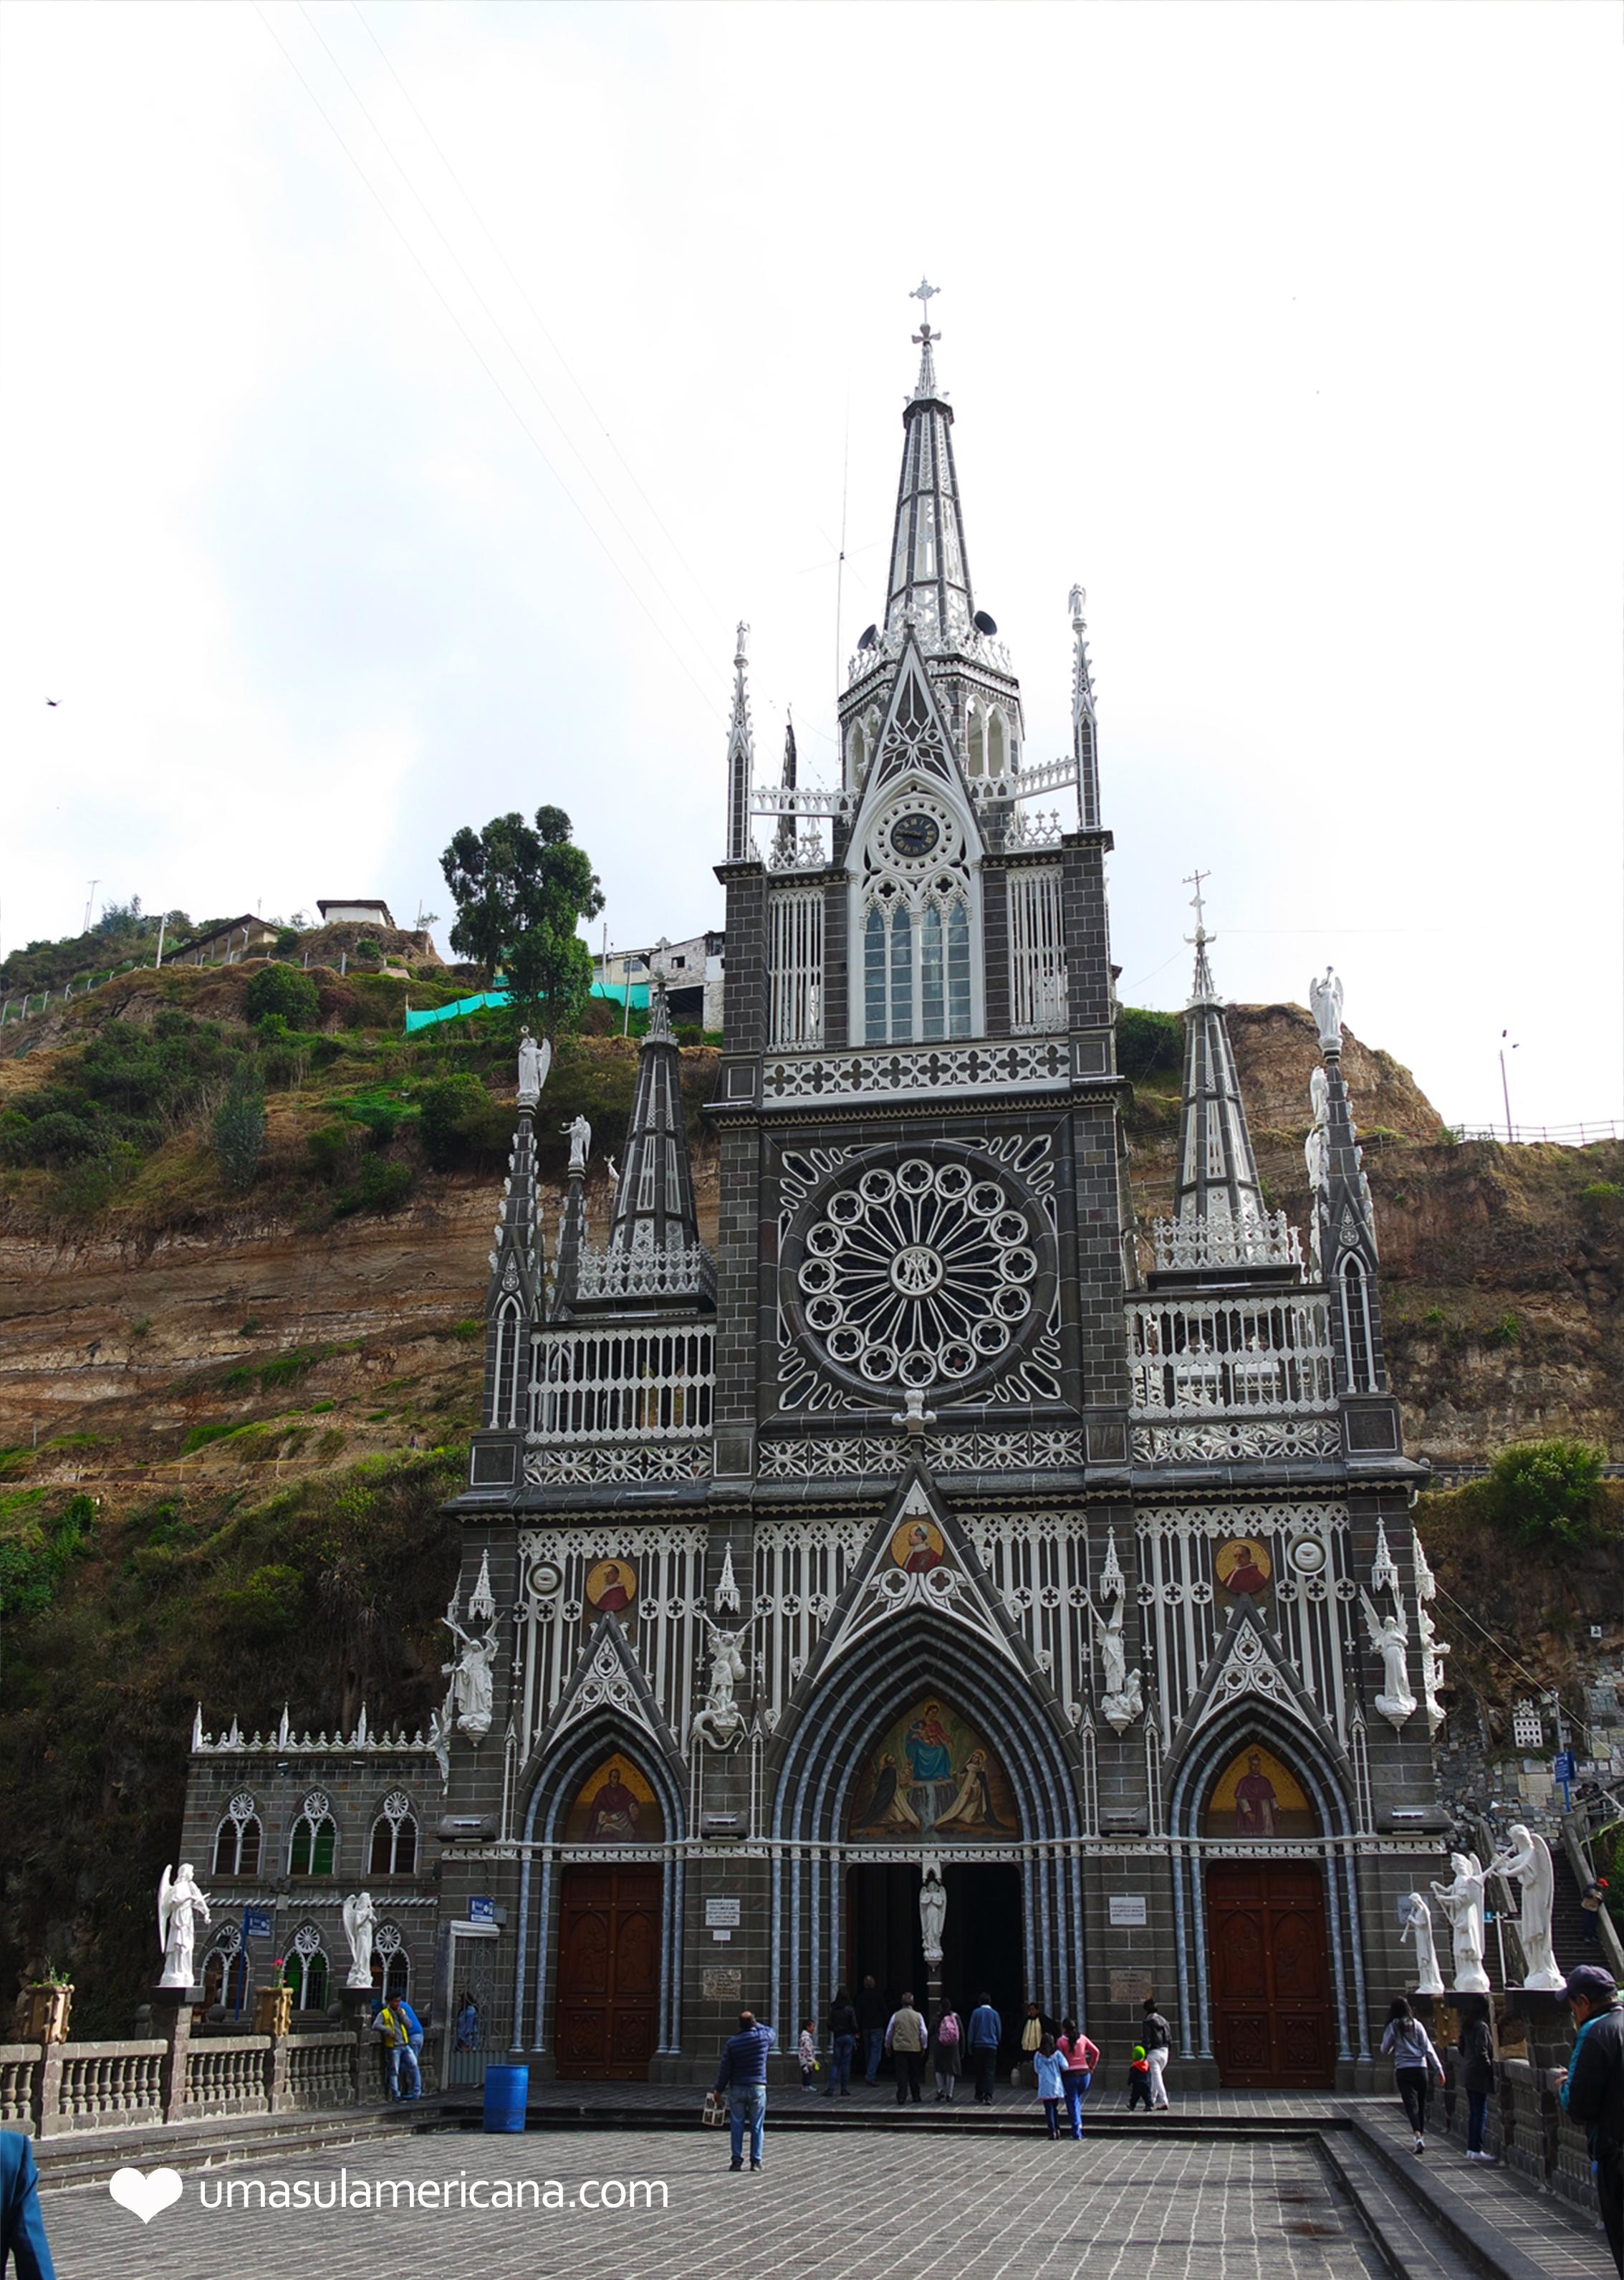 Santuário de Las Lajas, um tesouro arquitetônico na fronteira da Colômbia com Equador